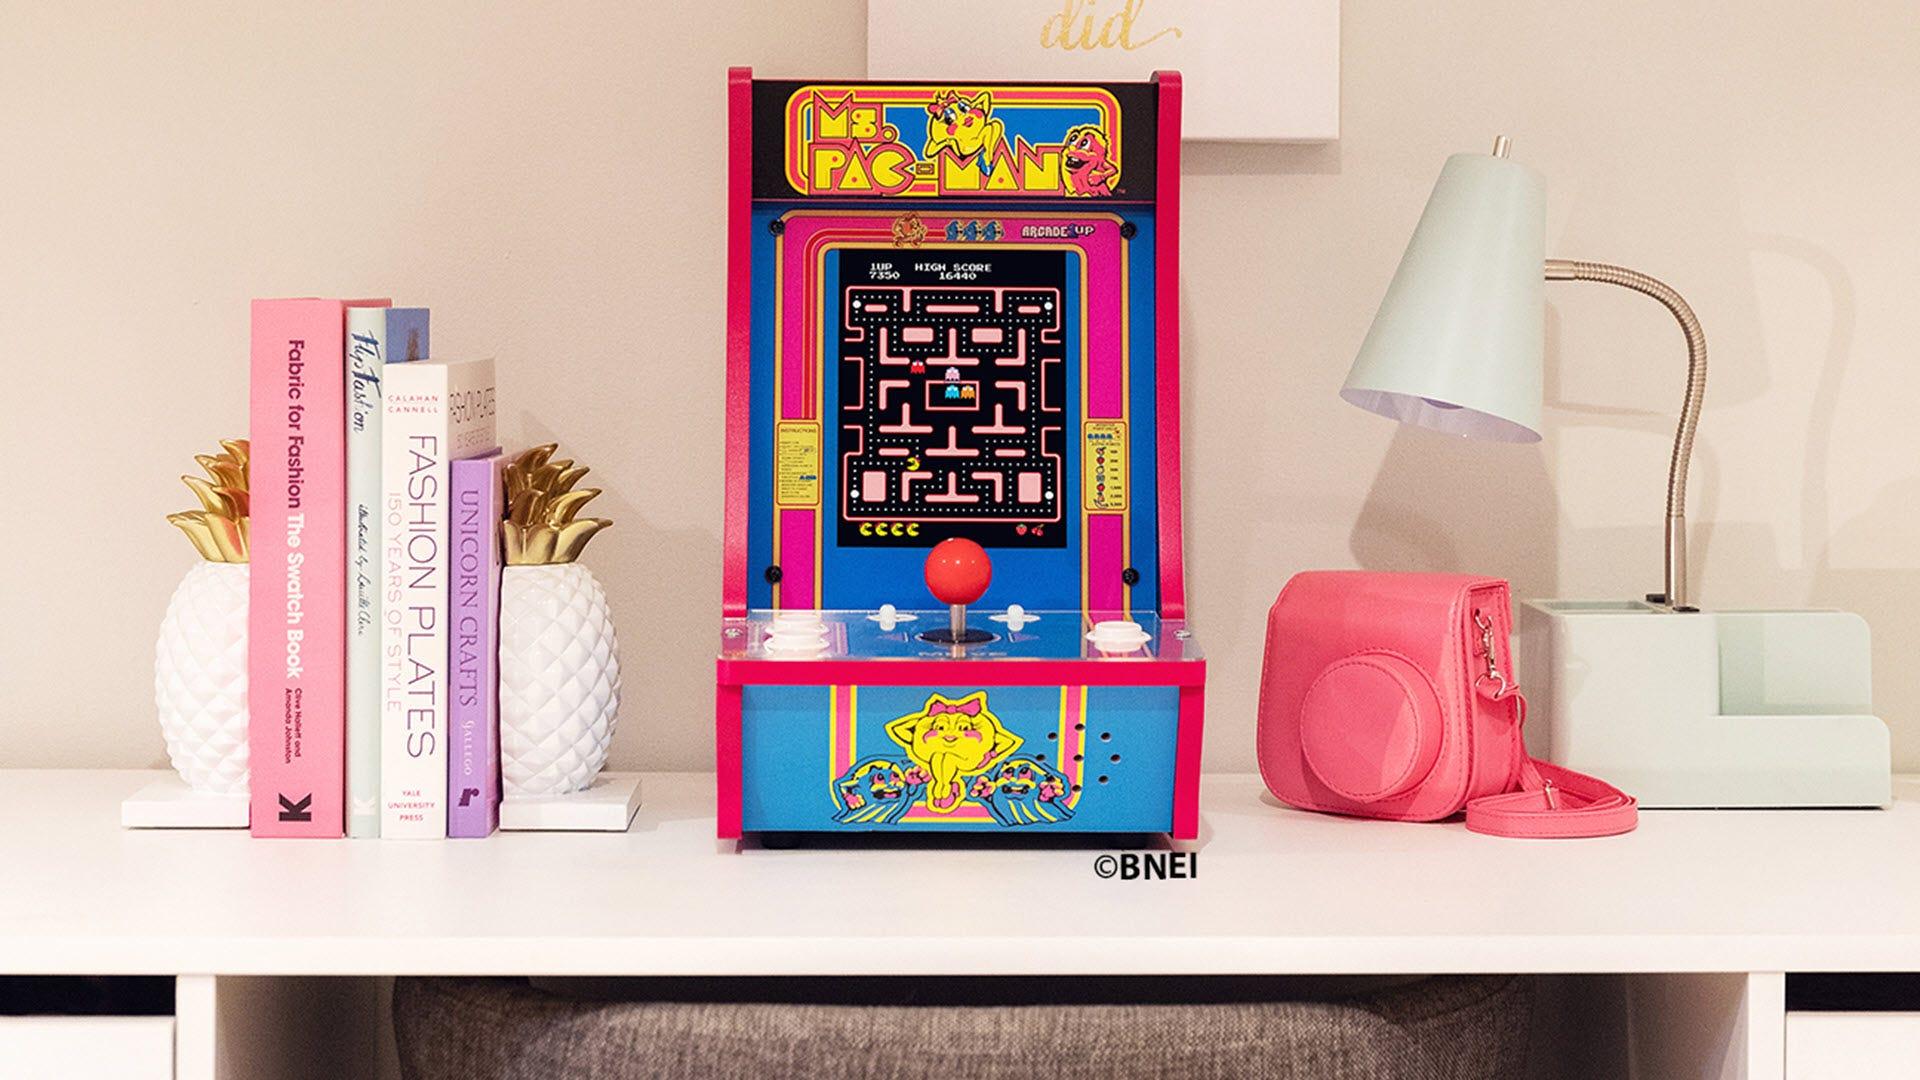 a 'Ms. Pac-Man' machine on a desktop.